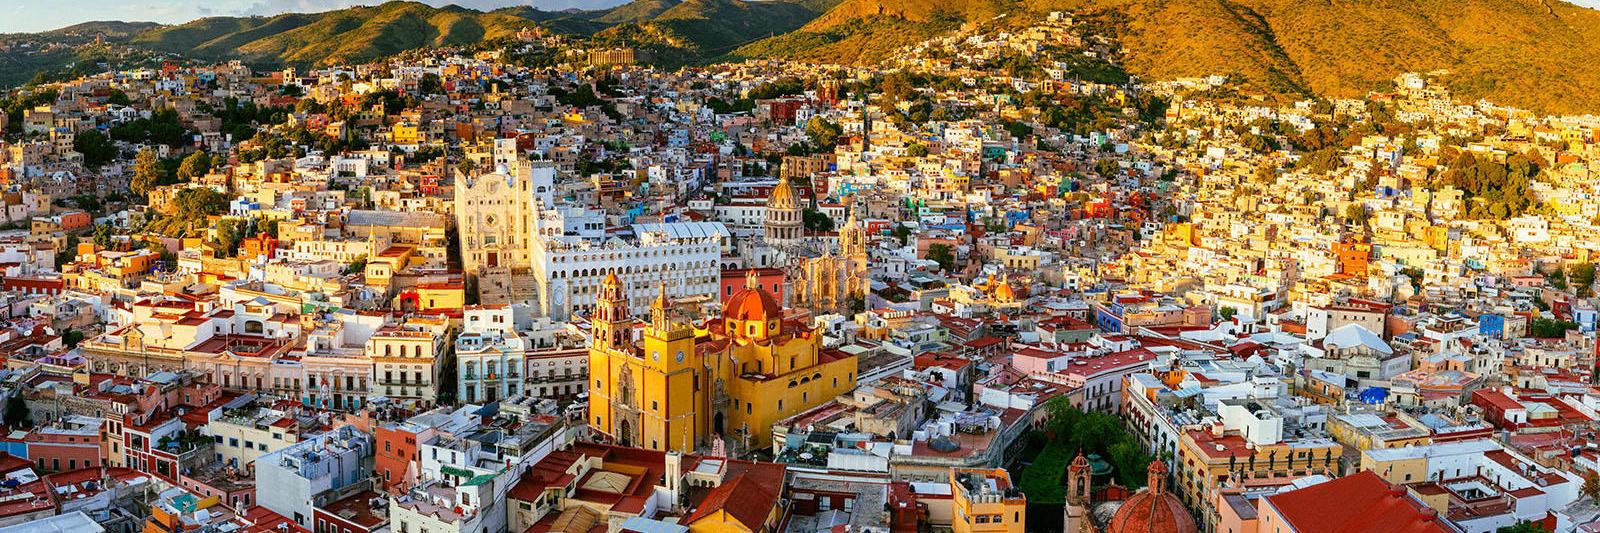 从北美的墨西哥到中美的古巴,感受加勒比人文风情和自燃之美!